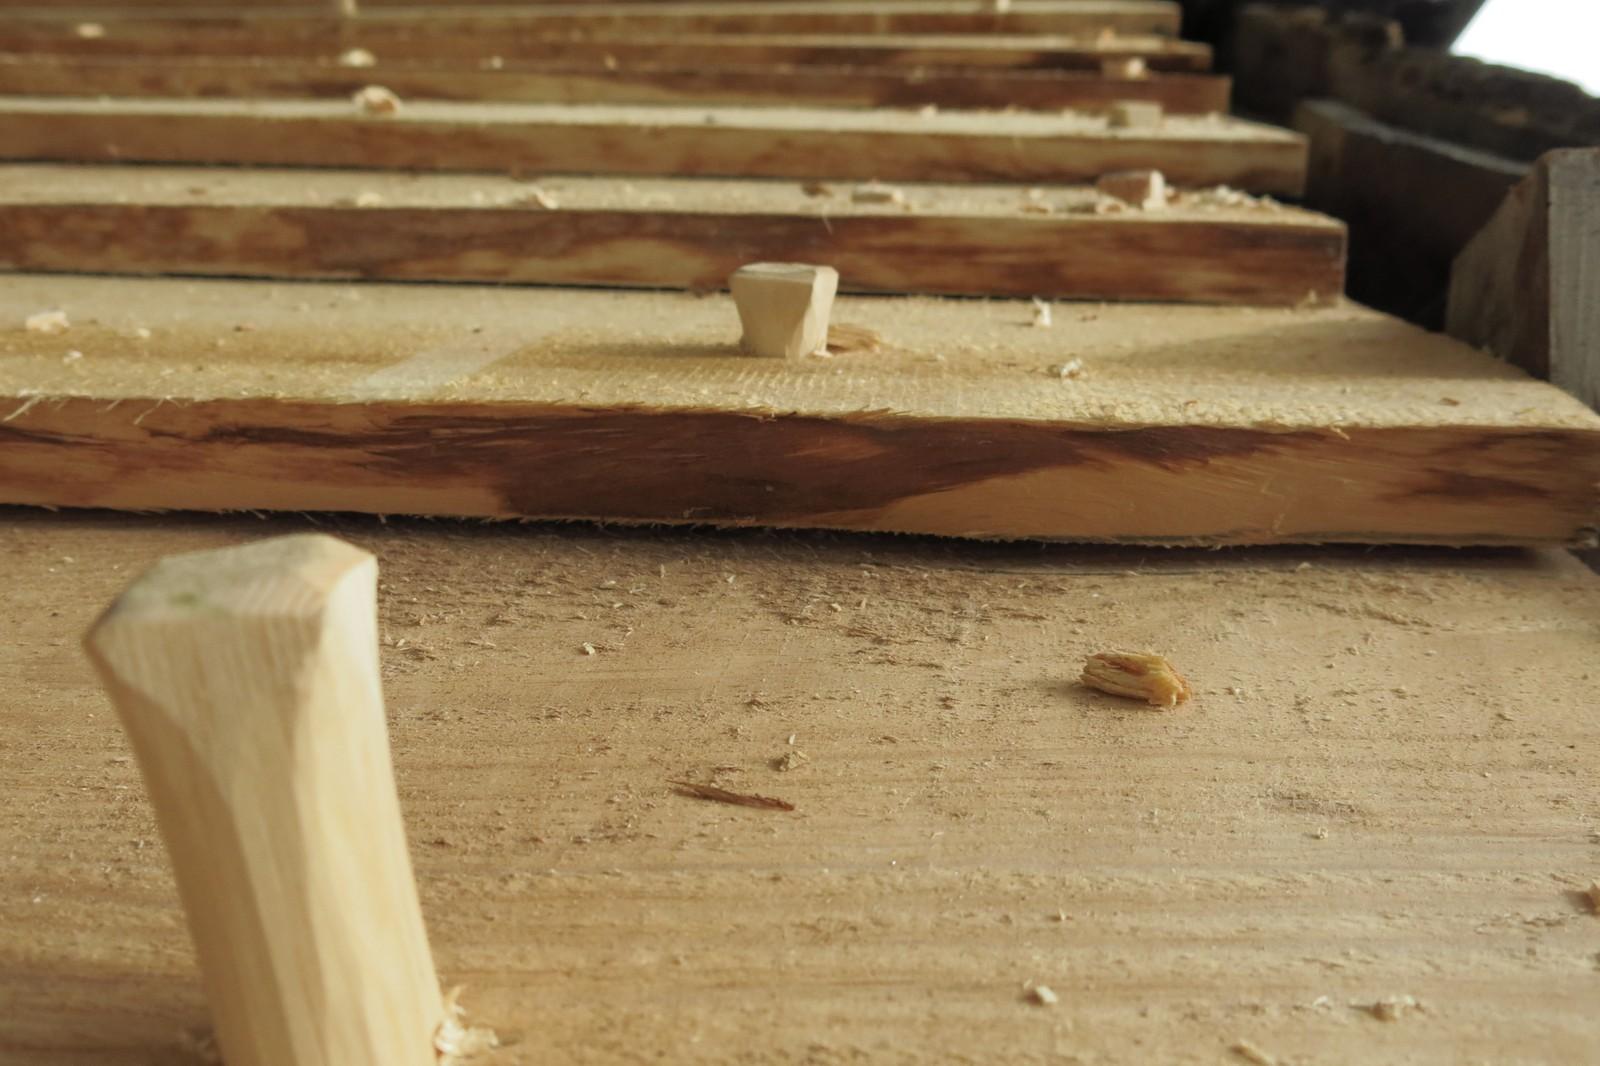 Trepluggar blir brukt i staden for skruar eller spiker